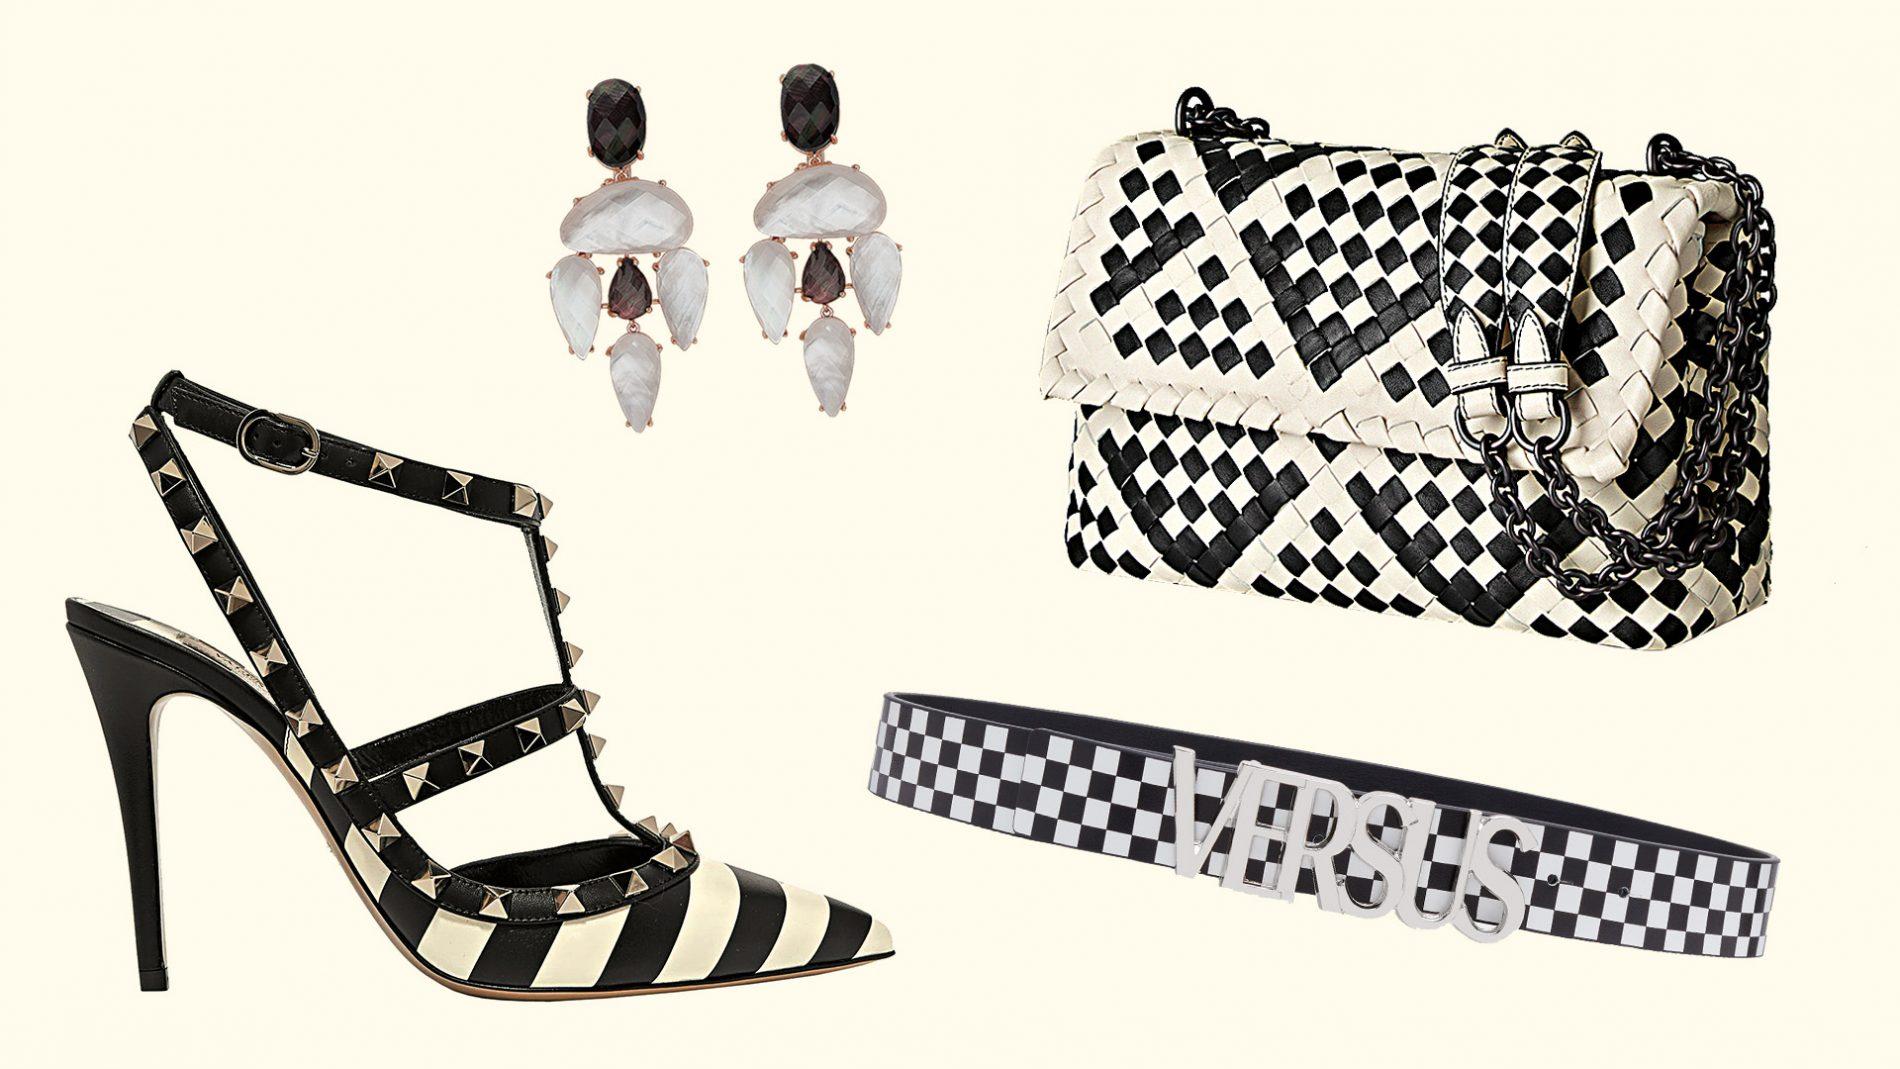 El Corte Inglés Diseñador Joyería Bolsos Zapatos Cinturones Valentino Bottega Veneta Versace